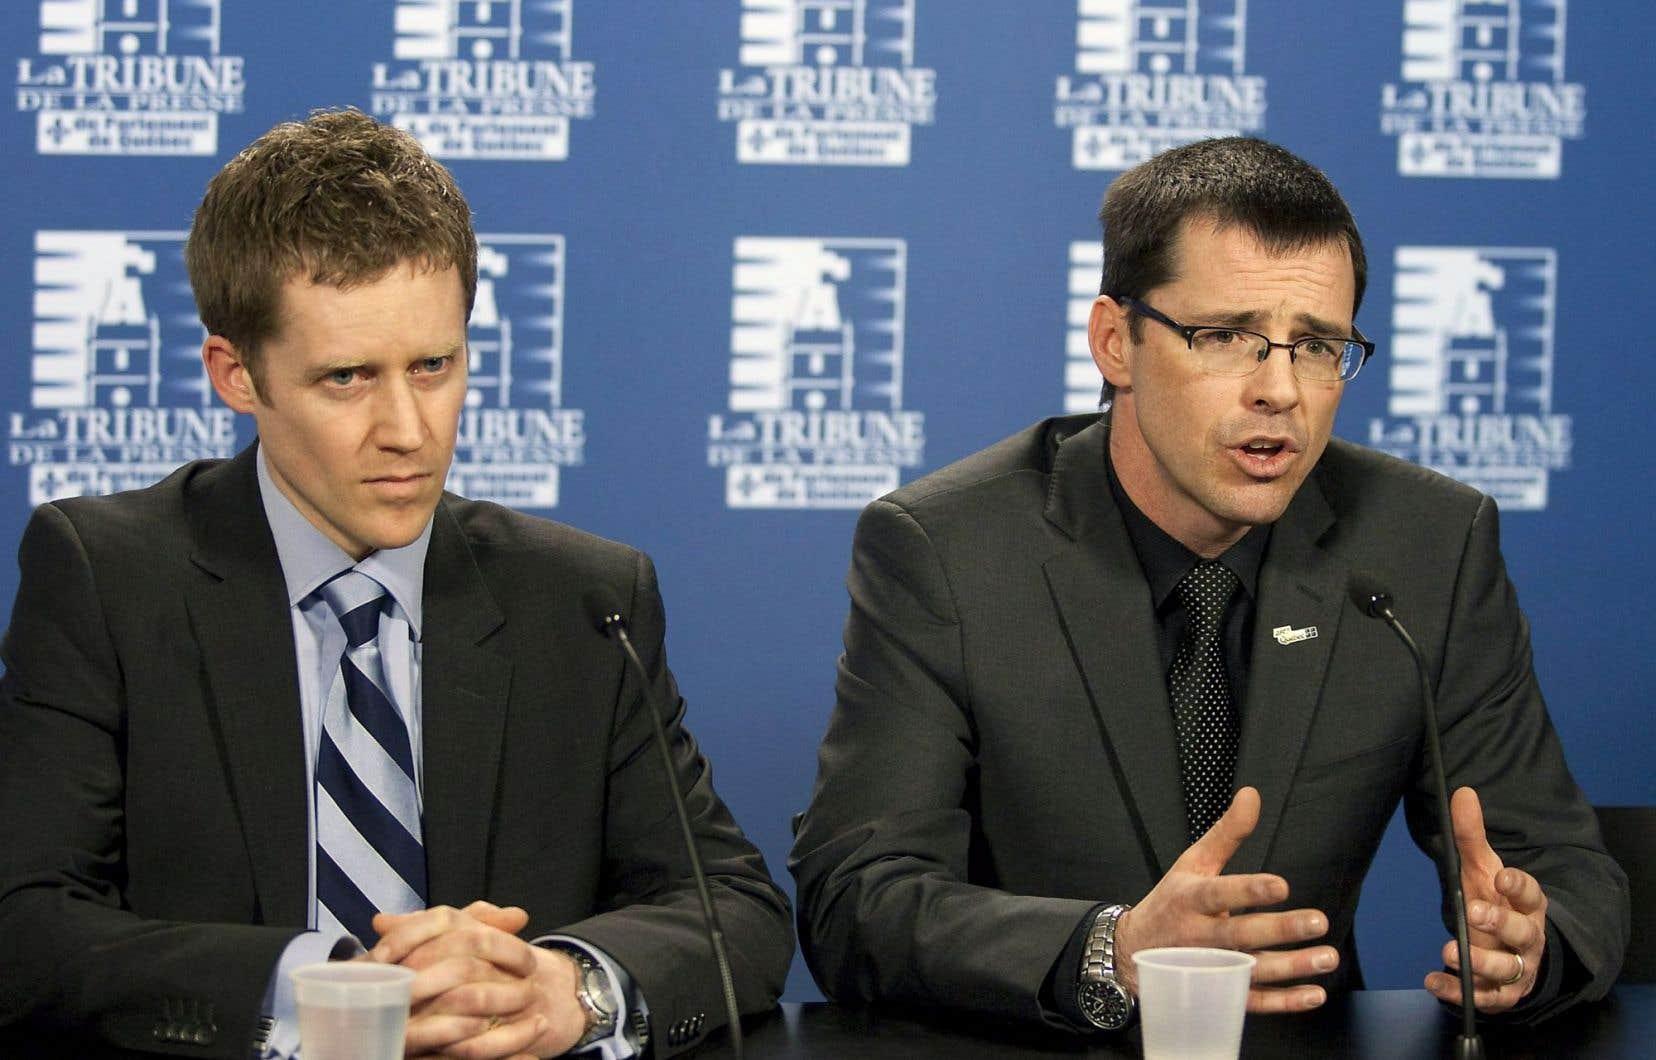 L'avocat Christian Leblanc (droite) a déjà oeuvré en droit auprès des communautés cries et inuites.